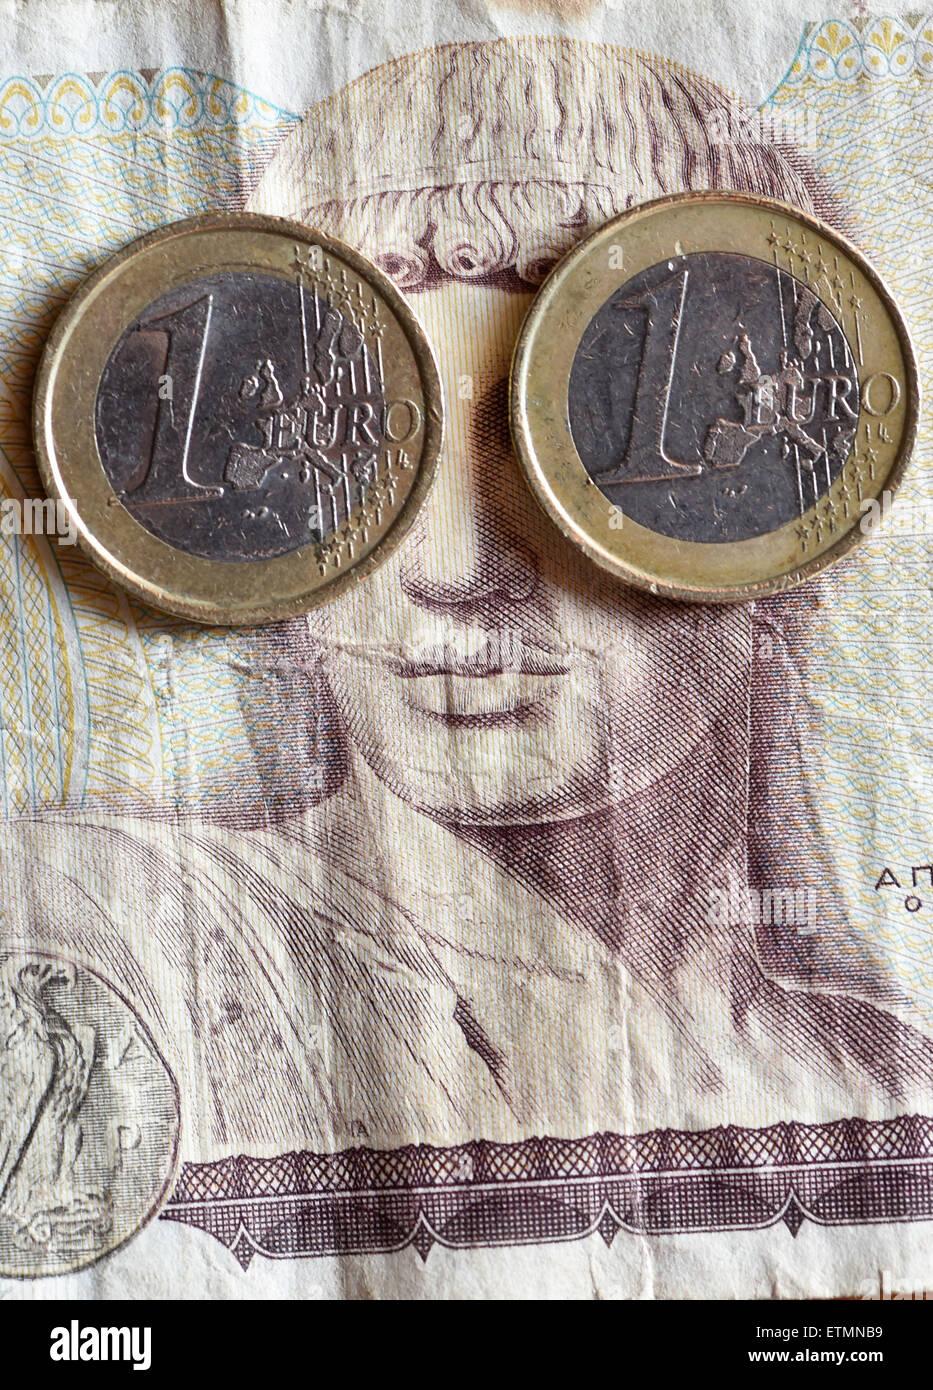 Berlino, Germania. 14 Giugno, 2015. Illustrazione - Due un euro monete coprire gli occhi del dio greco Apollo su un 1000 dracma greca bill a Berlino, Germania, 14 giugno 2015. Foto: Jens Kalaene/dpa/Alamy Live News Foto Stock